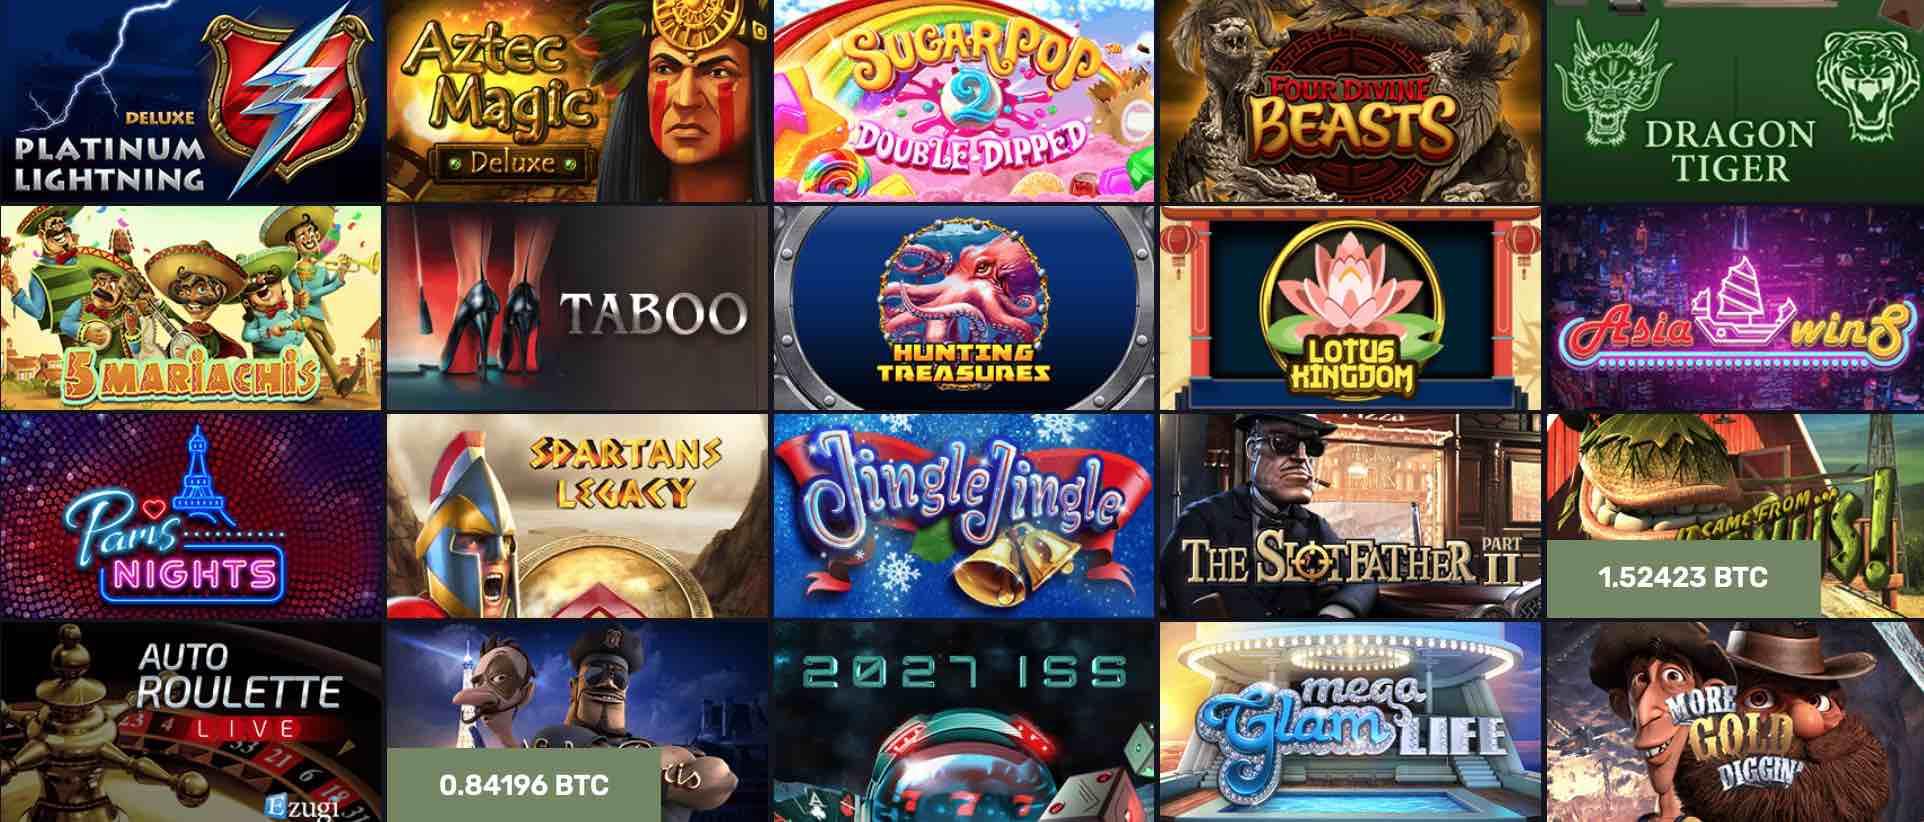 Gta online casino heist best approach